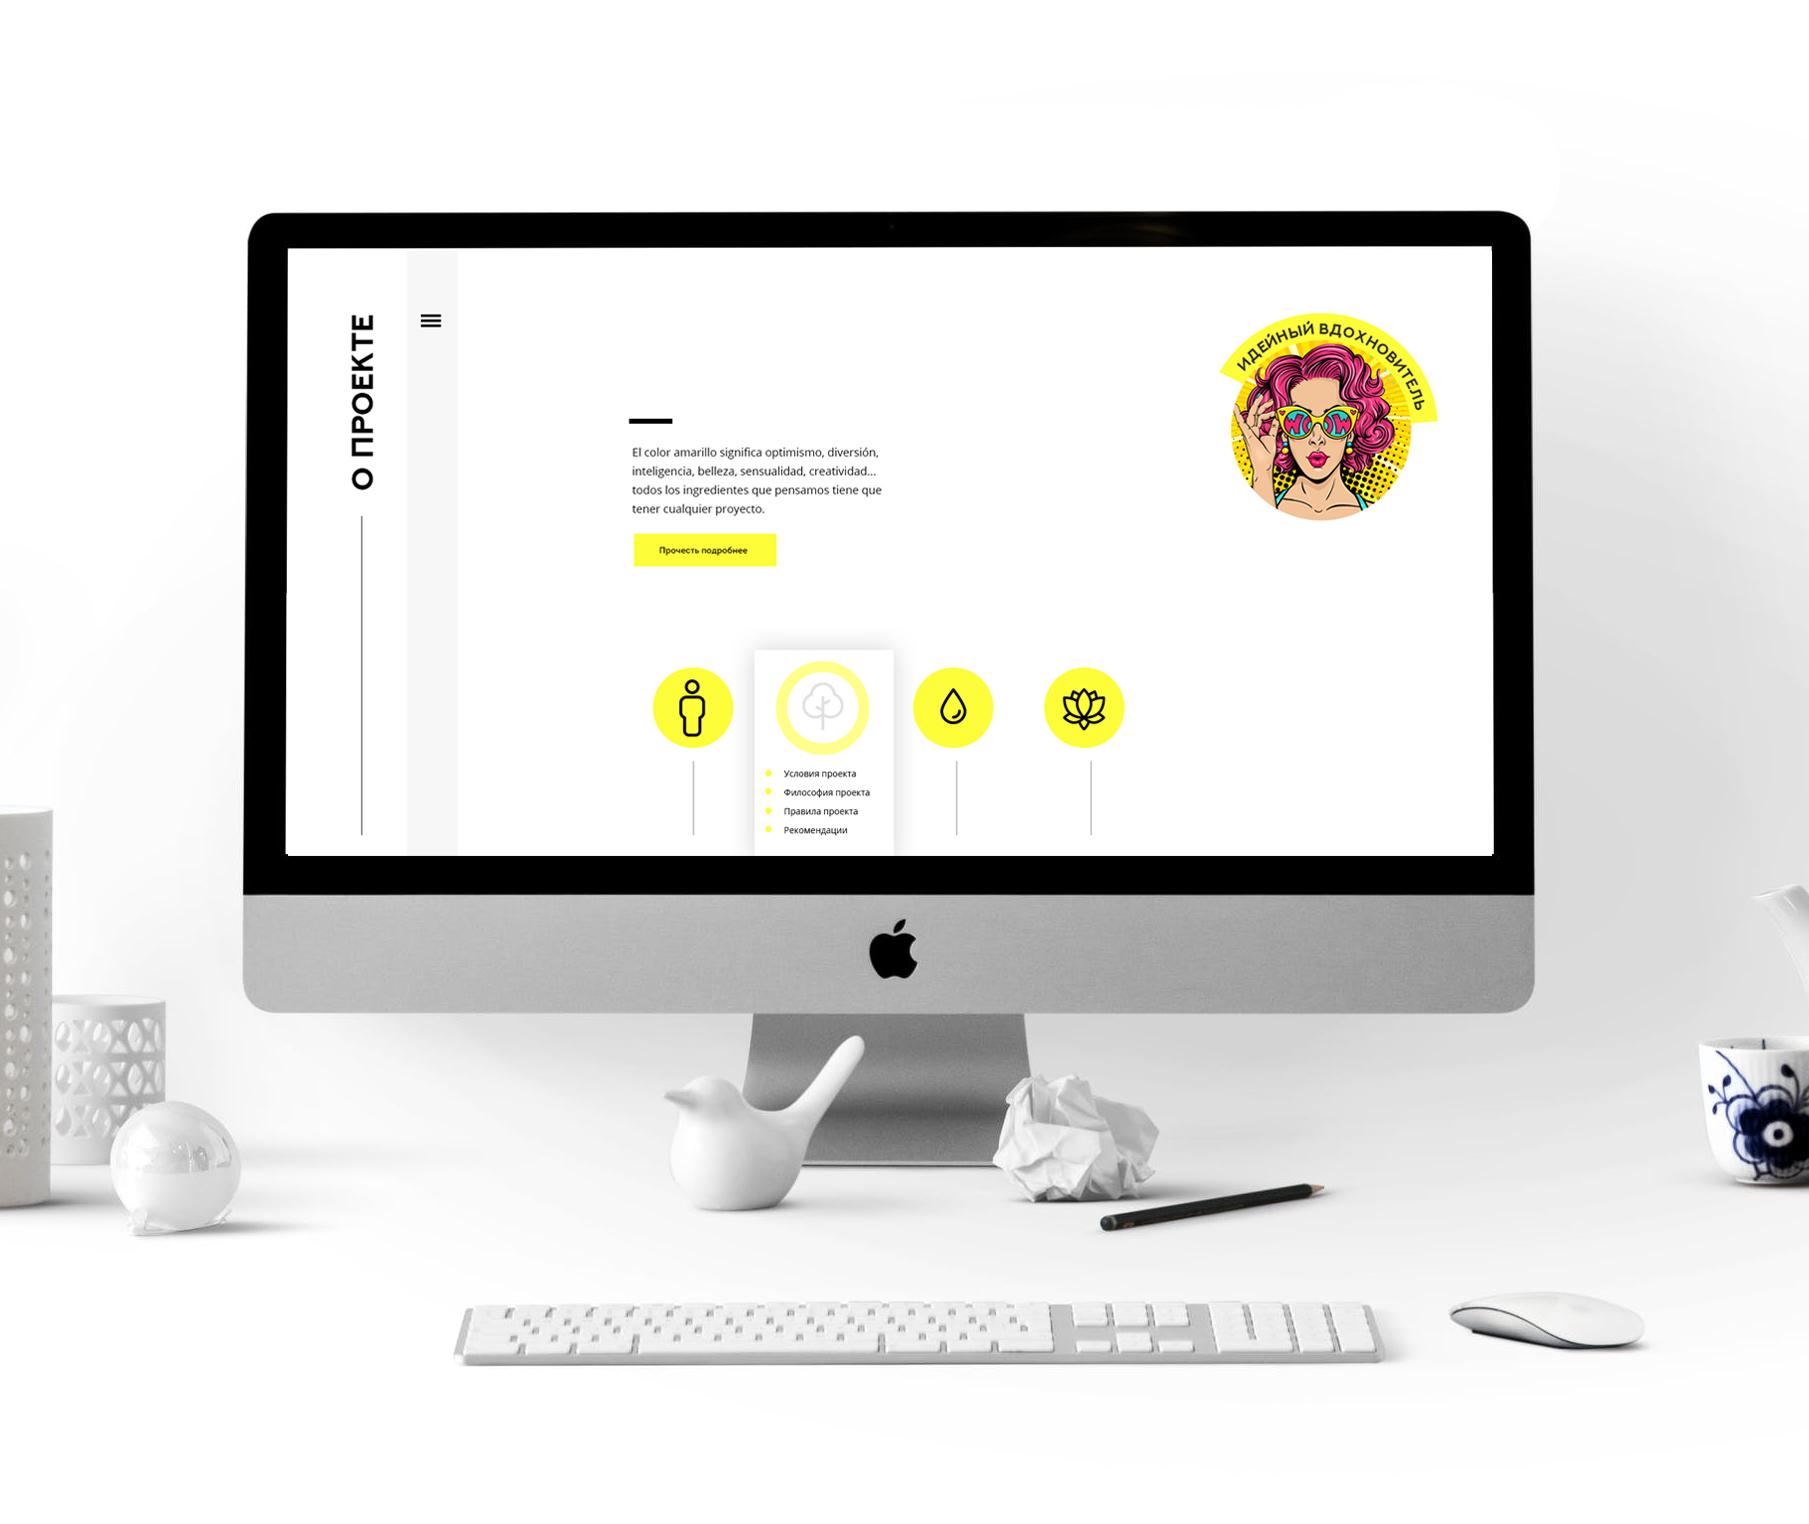 Креативный дизайн внутренней страницы портала для детей фото f_5375cfcad856bc88.jpg